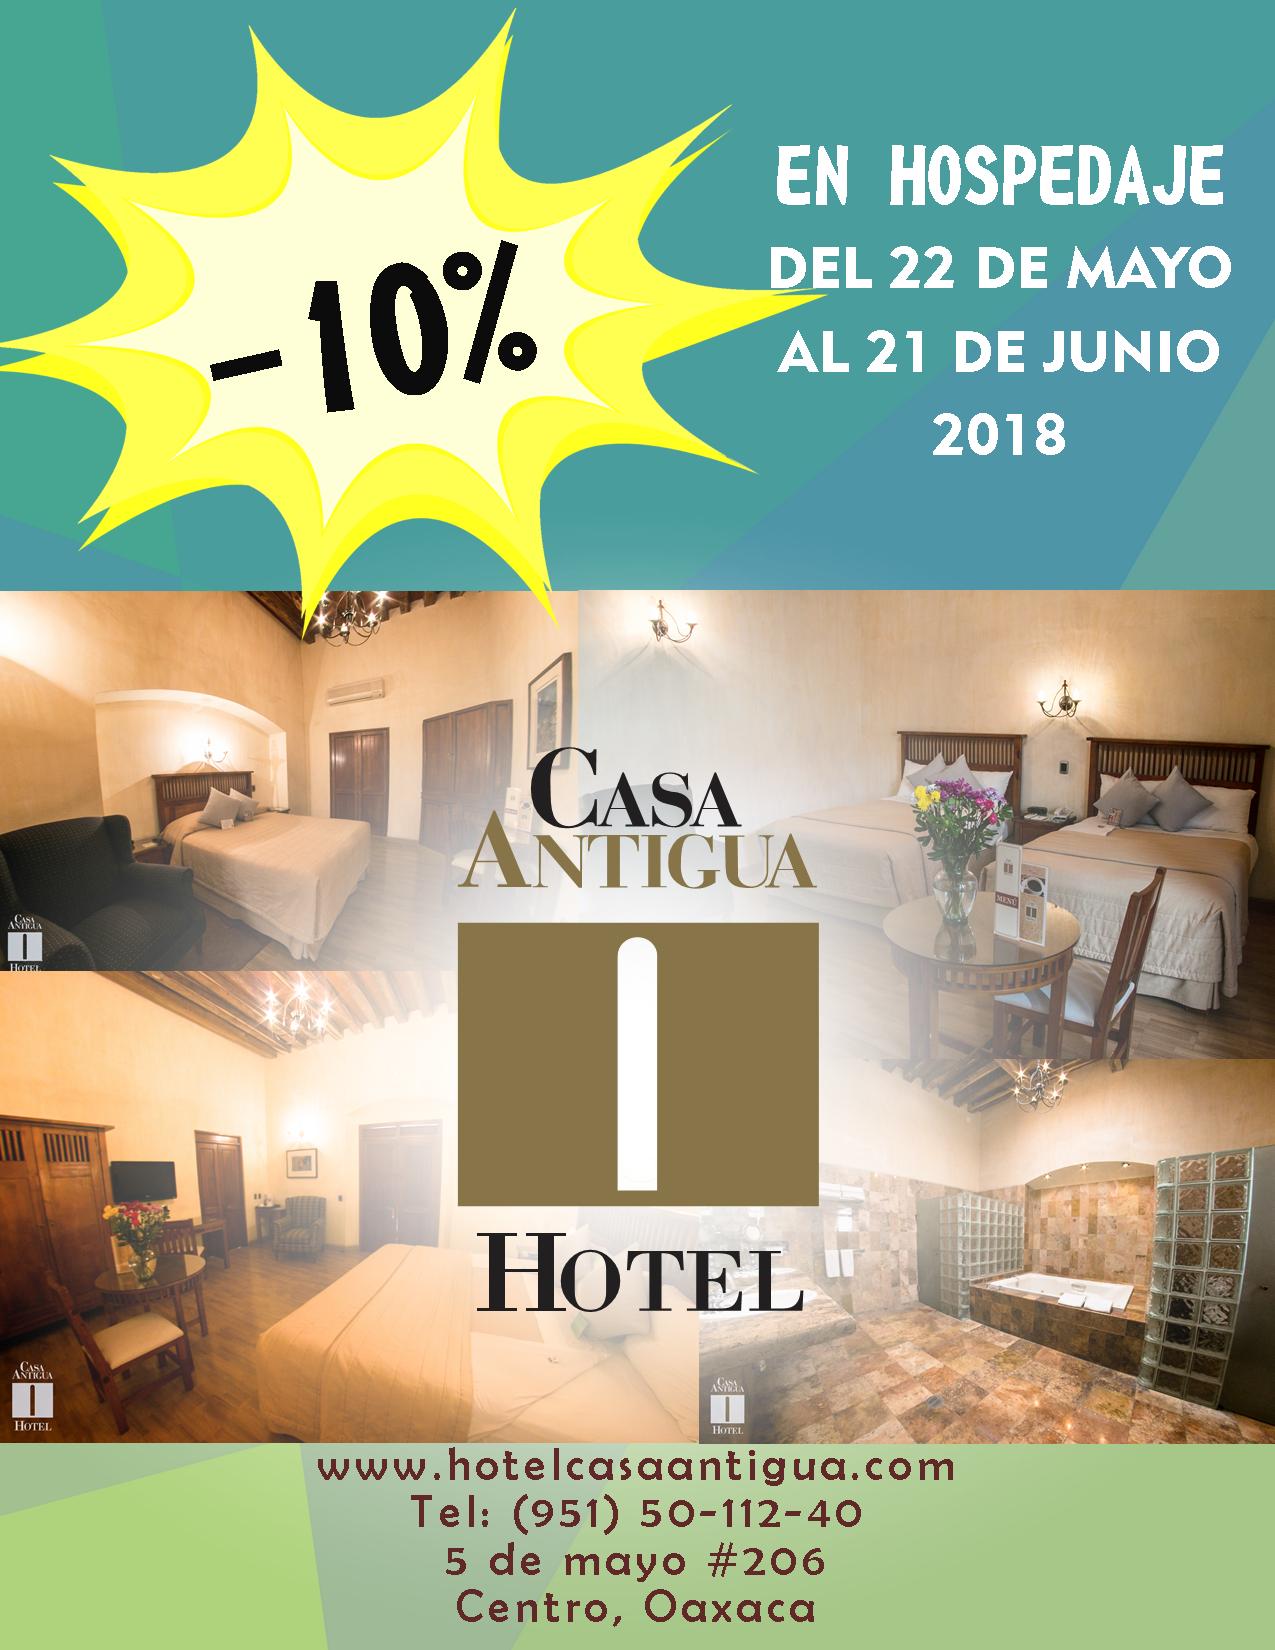 ¡PARA TU VISITA A LA HERMOSA CIUDAD DE OAXACA TE OFRECEMOS EL MEJOR HOTEL!